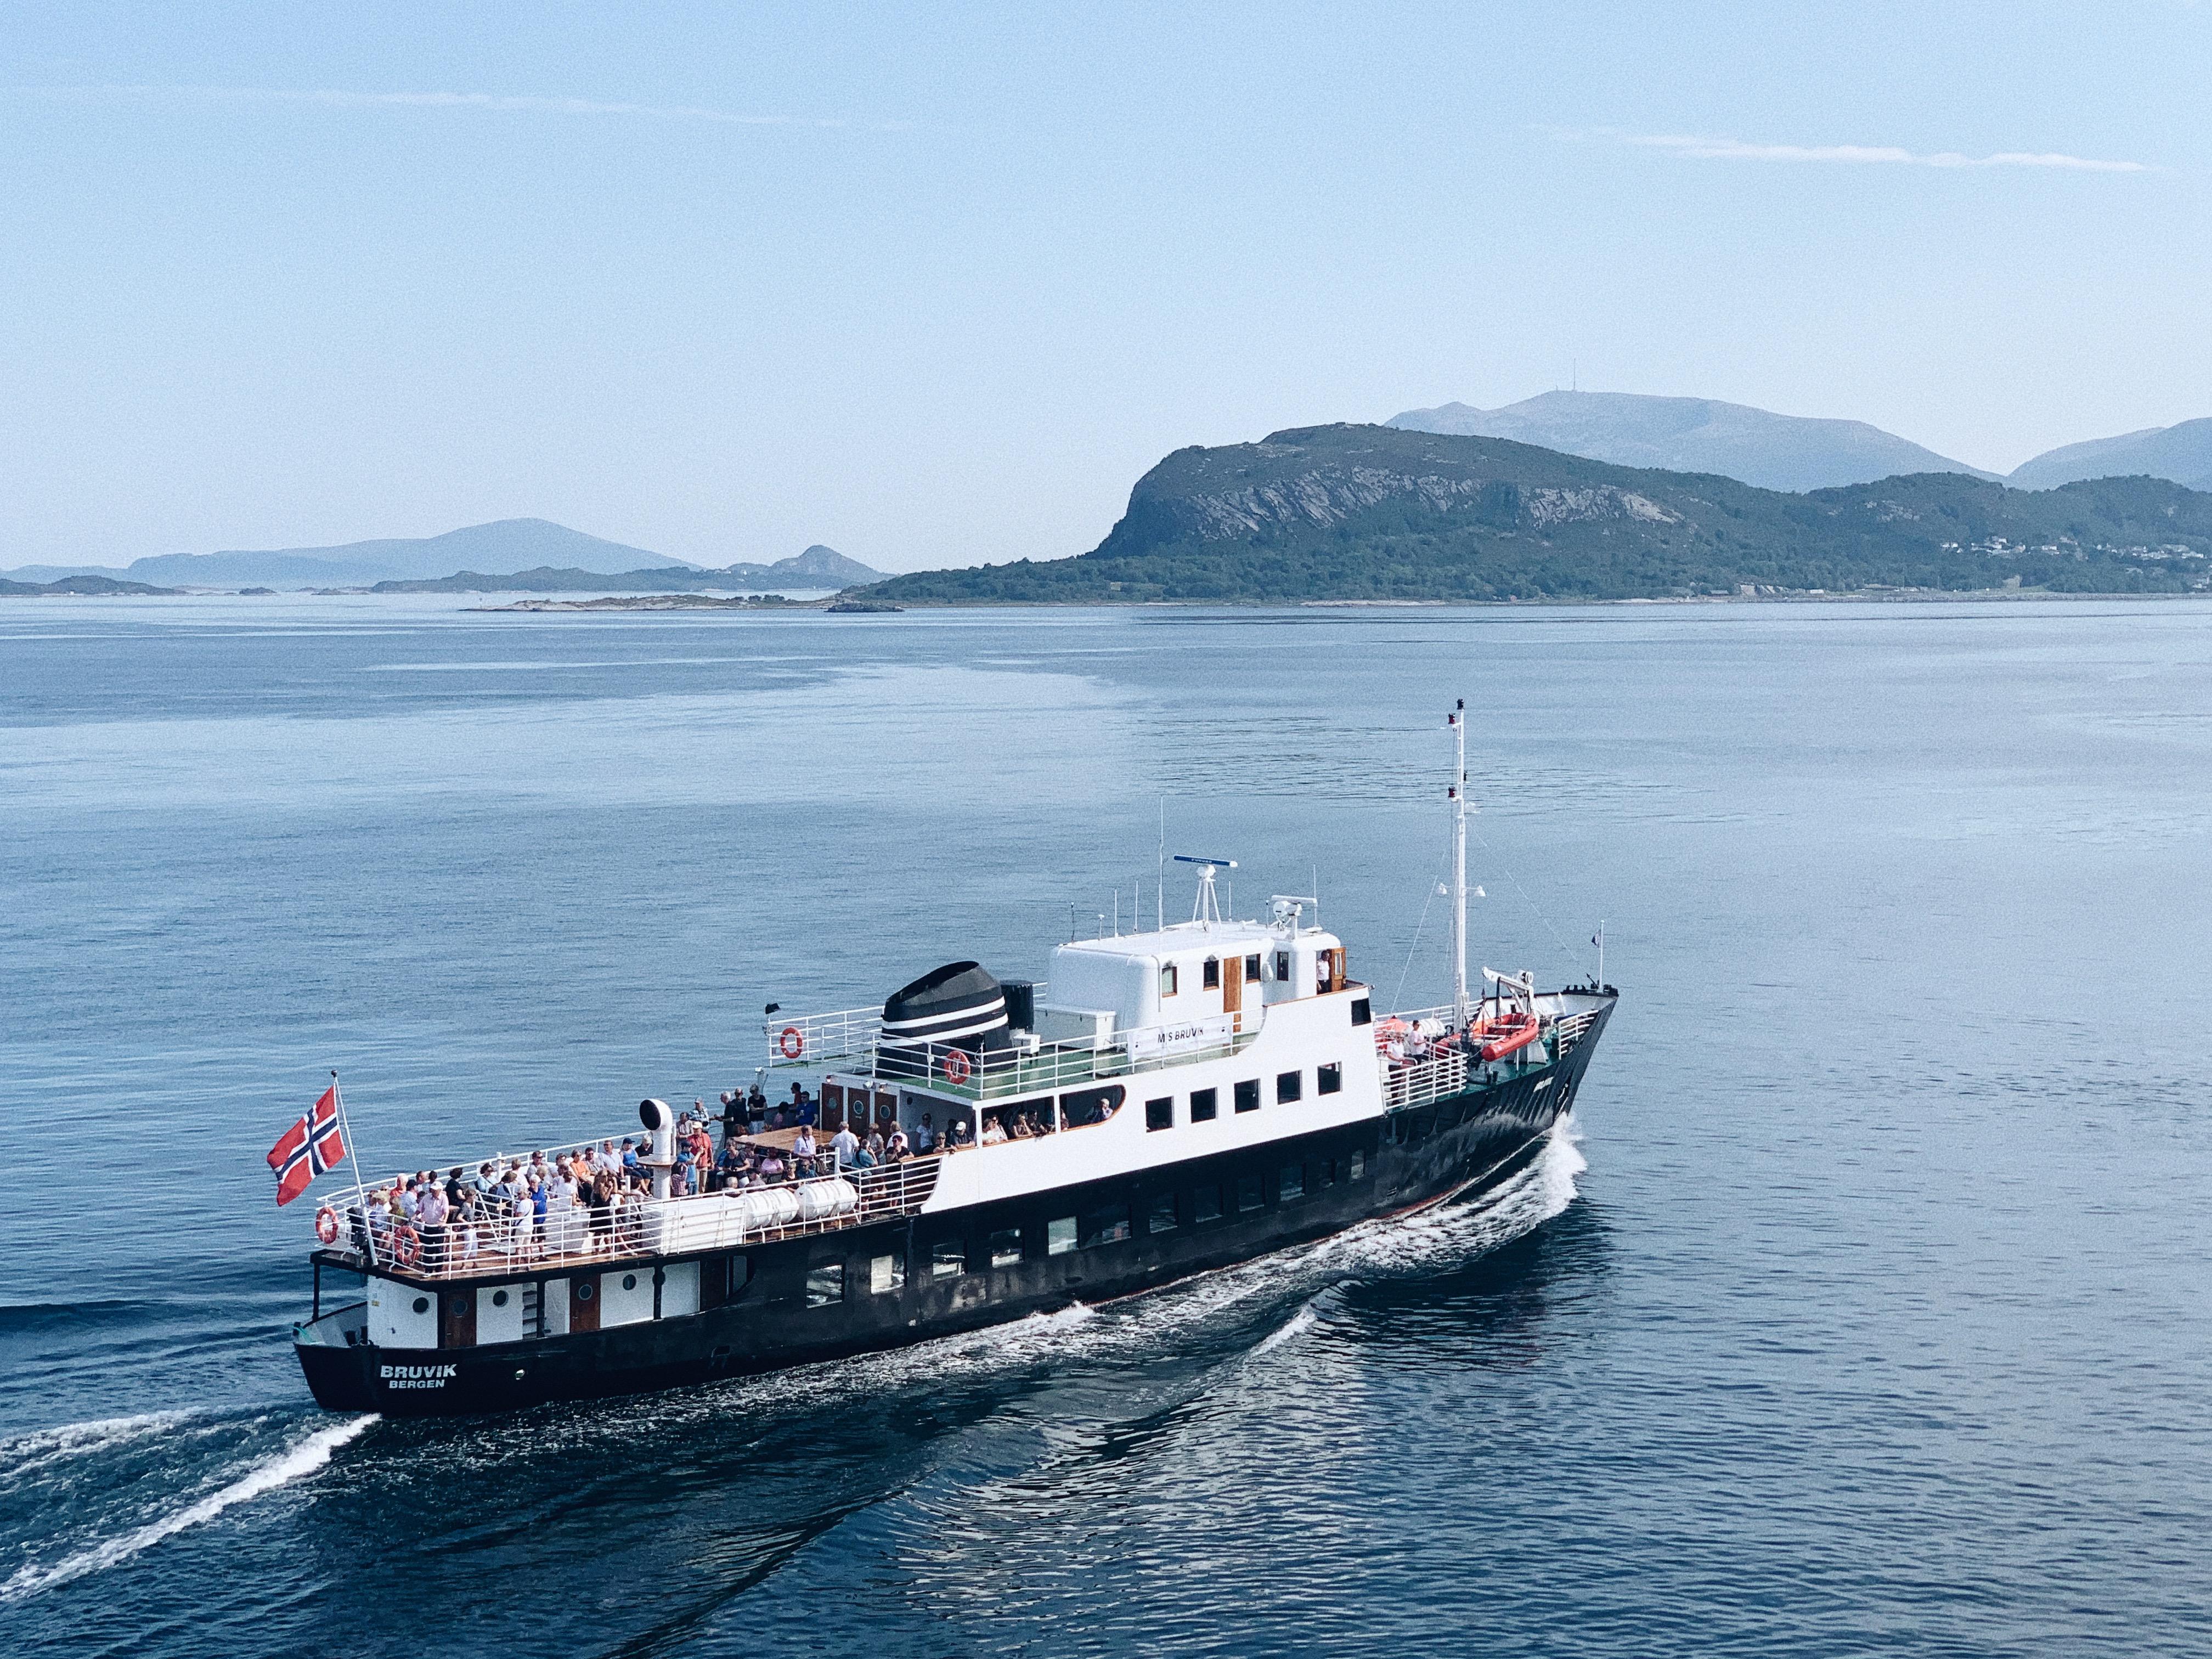 «Vincruise fra Ålesund til Hjørundfjorden» torsdag 25.06.2020